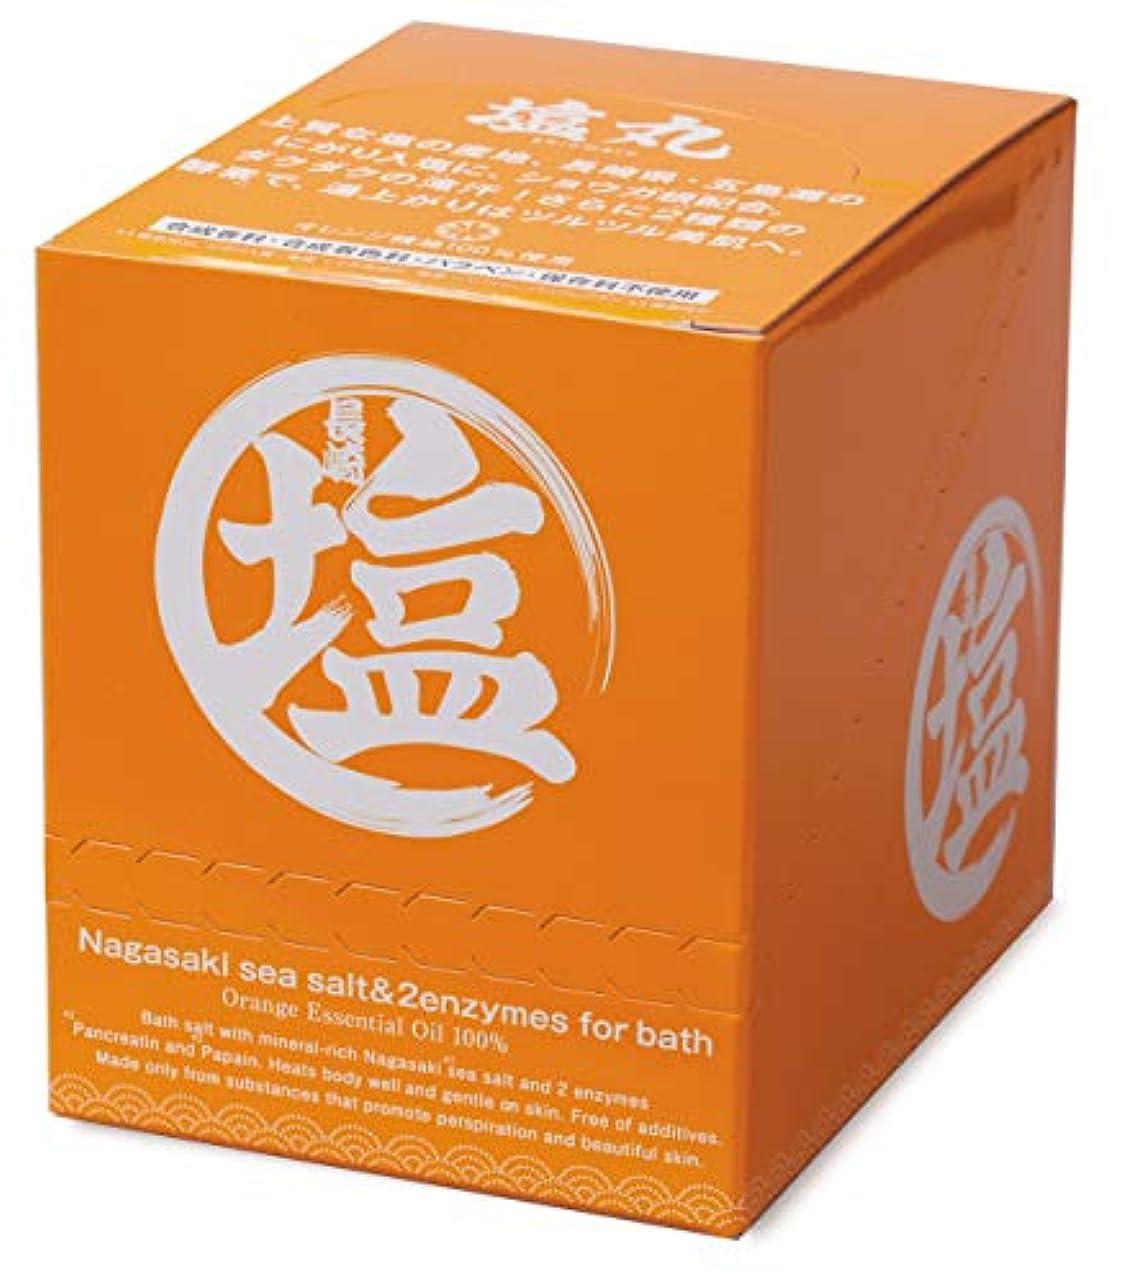 ぺディカブたらい太い(塩丸)長崎産にがり入海塩入浴剤(40g×12包入)オレンジ精油/合成香料?合成着色料?保存料不使用